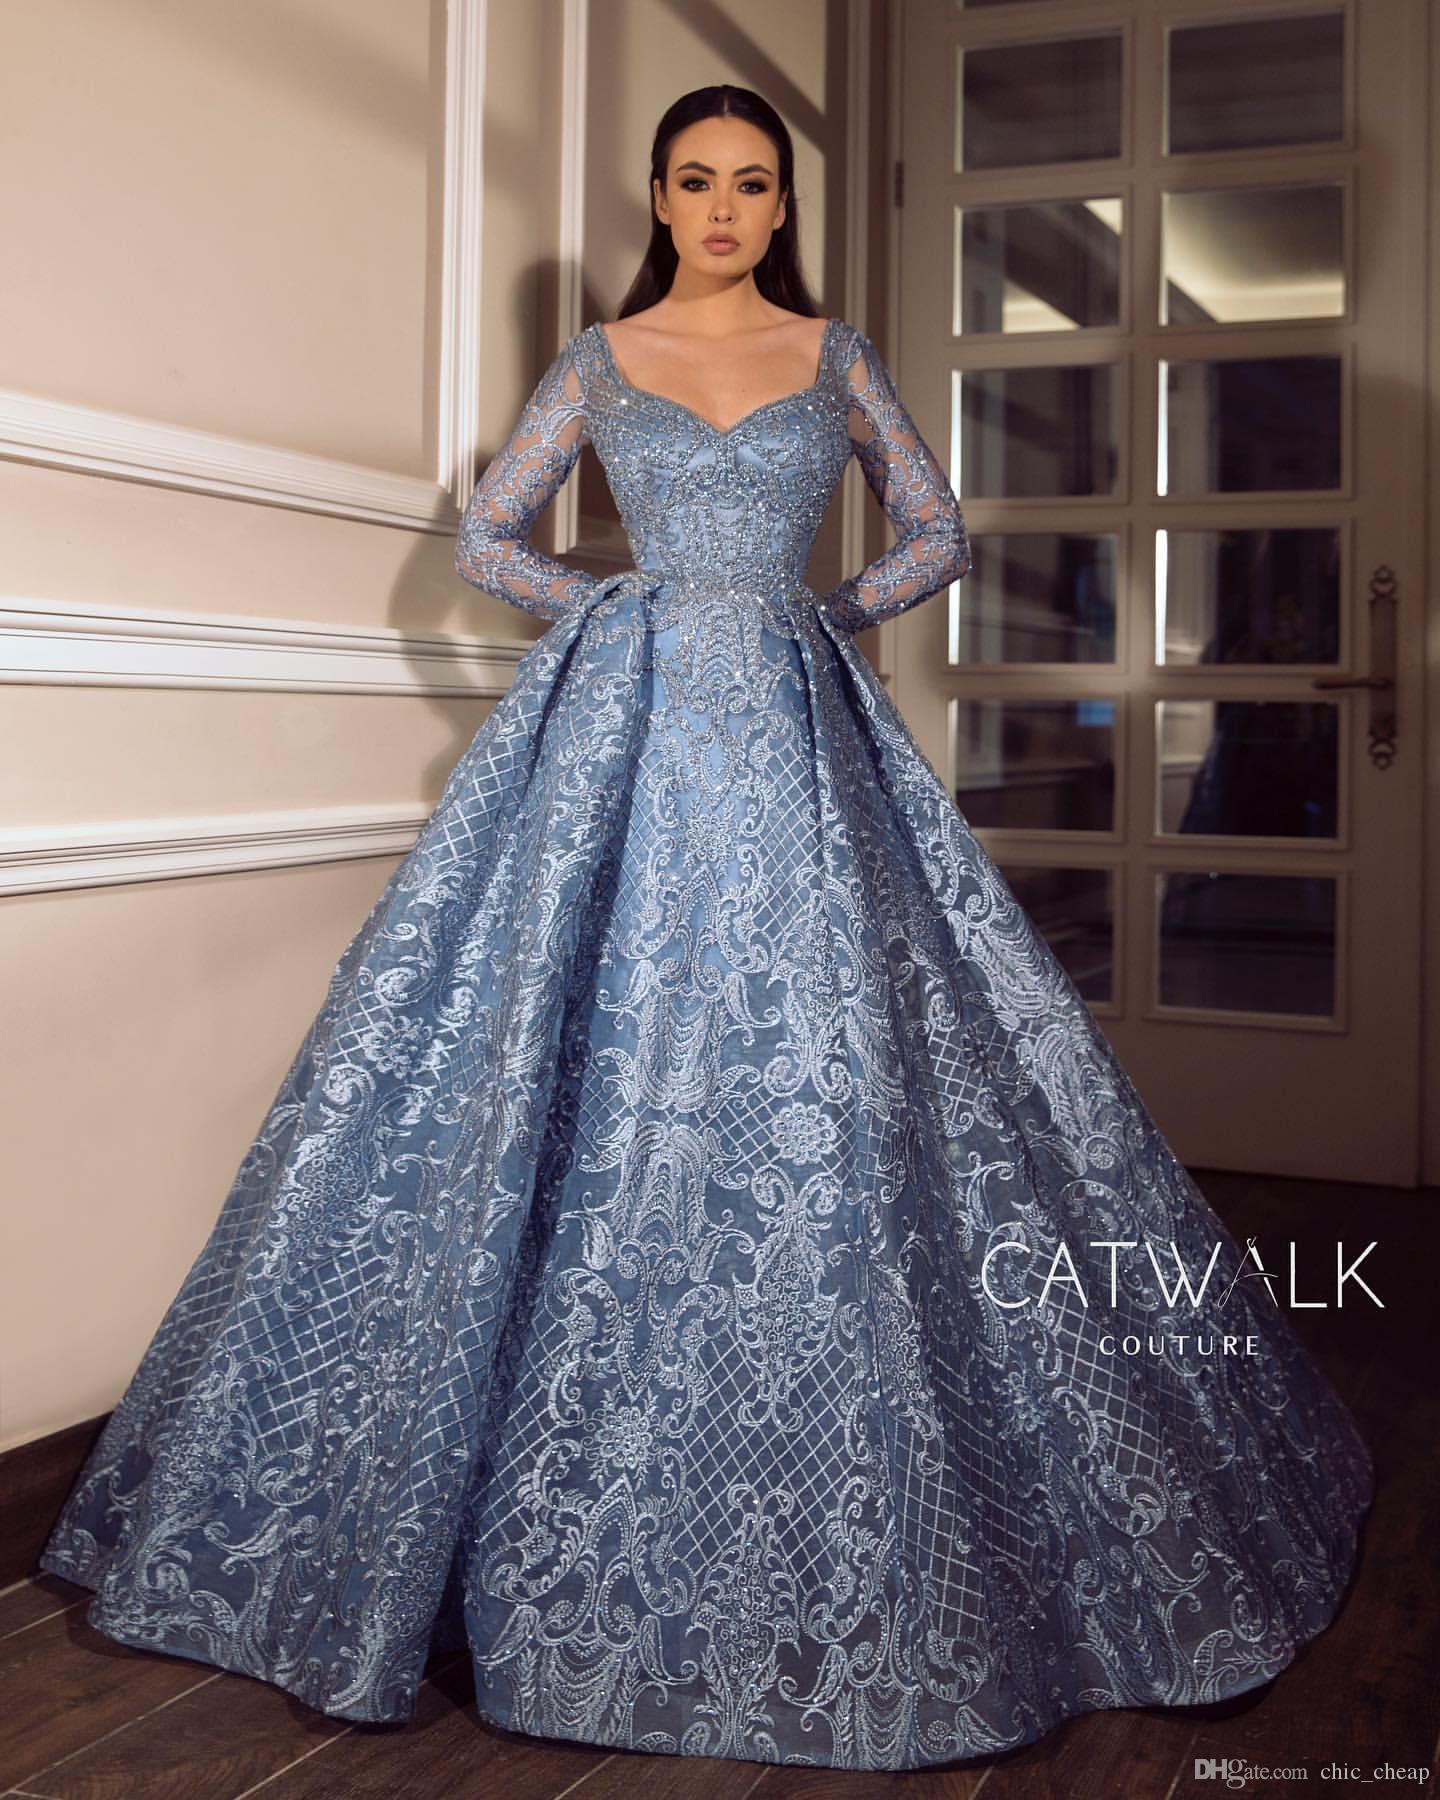 2019 arabe Aso Ebi luxe dentelle perlée robes de soirée manches longues pure cou robes de bal Sexy formelle partie demoiselle d'honneur robes de reconstitution historique